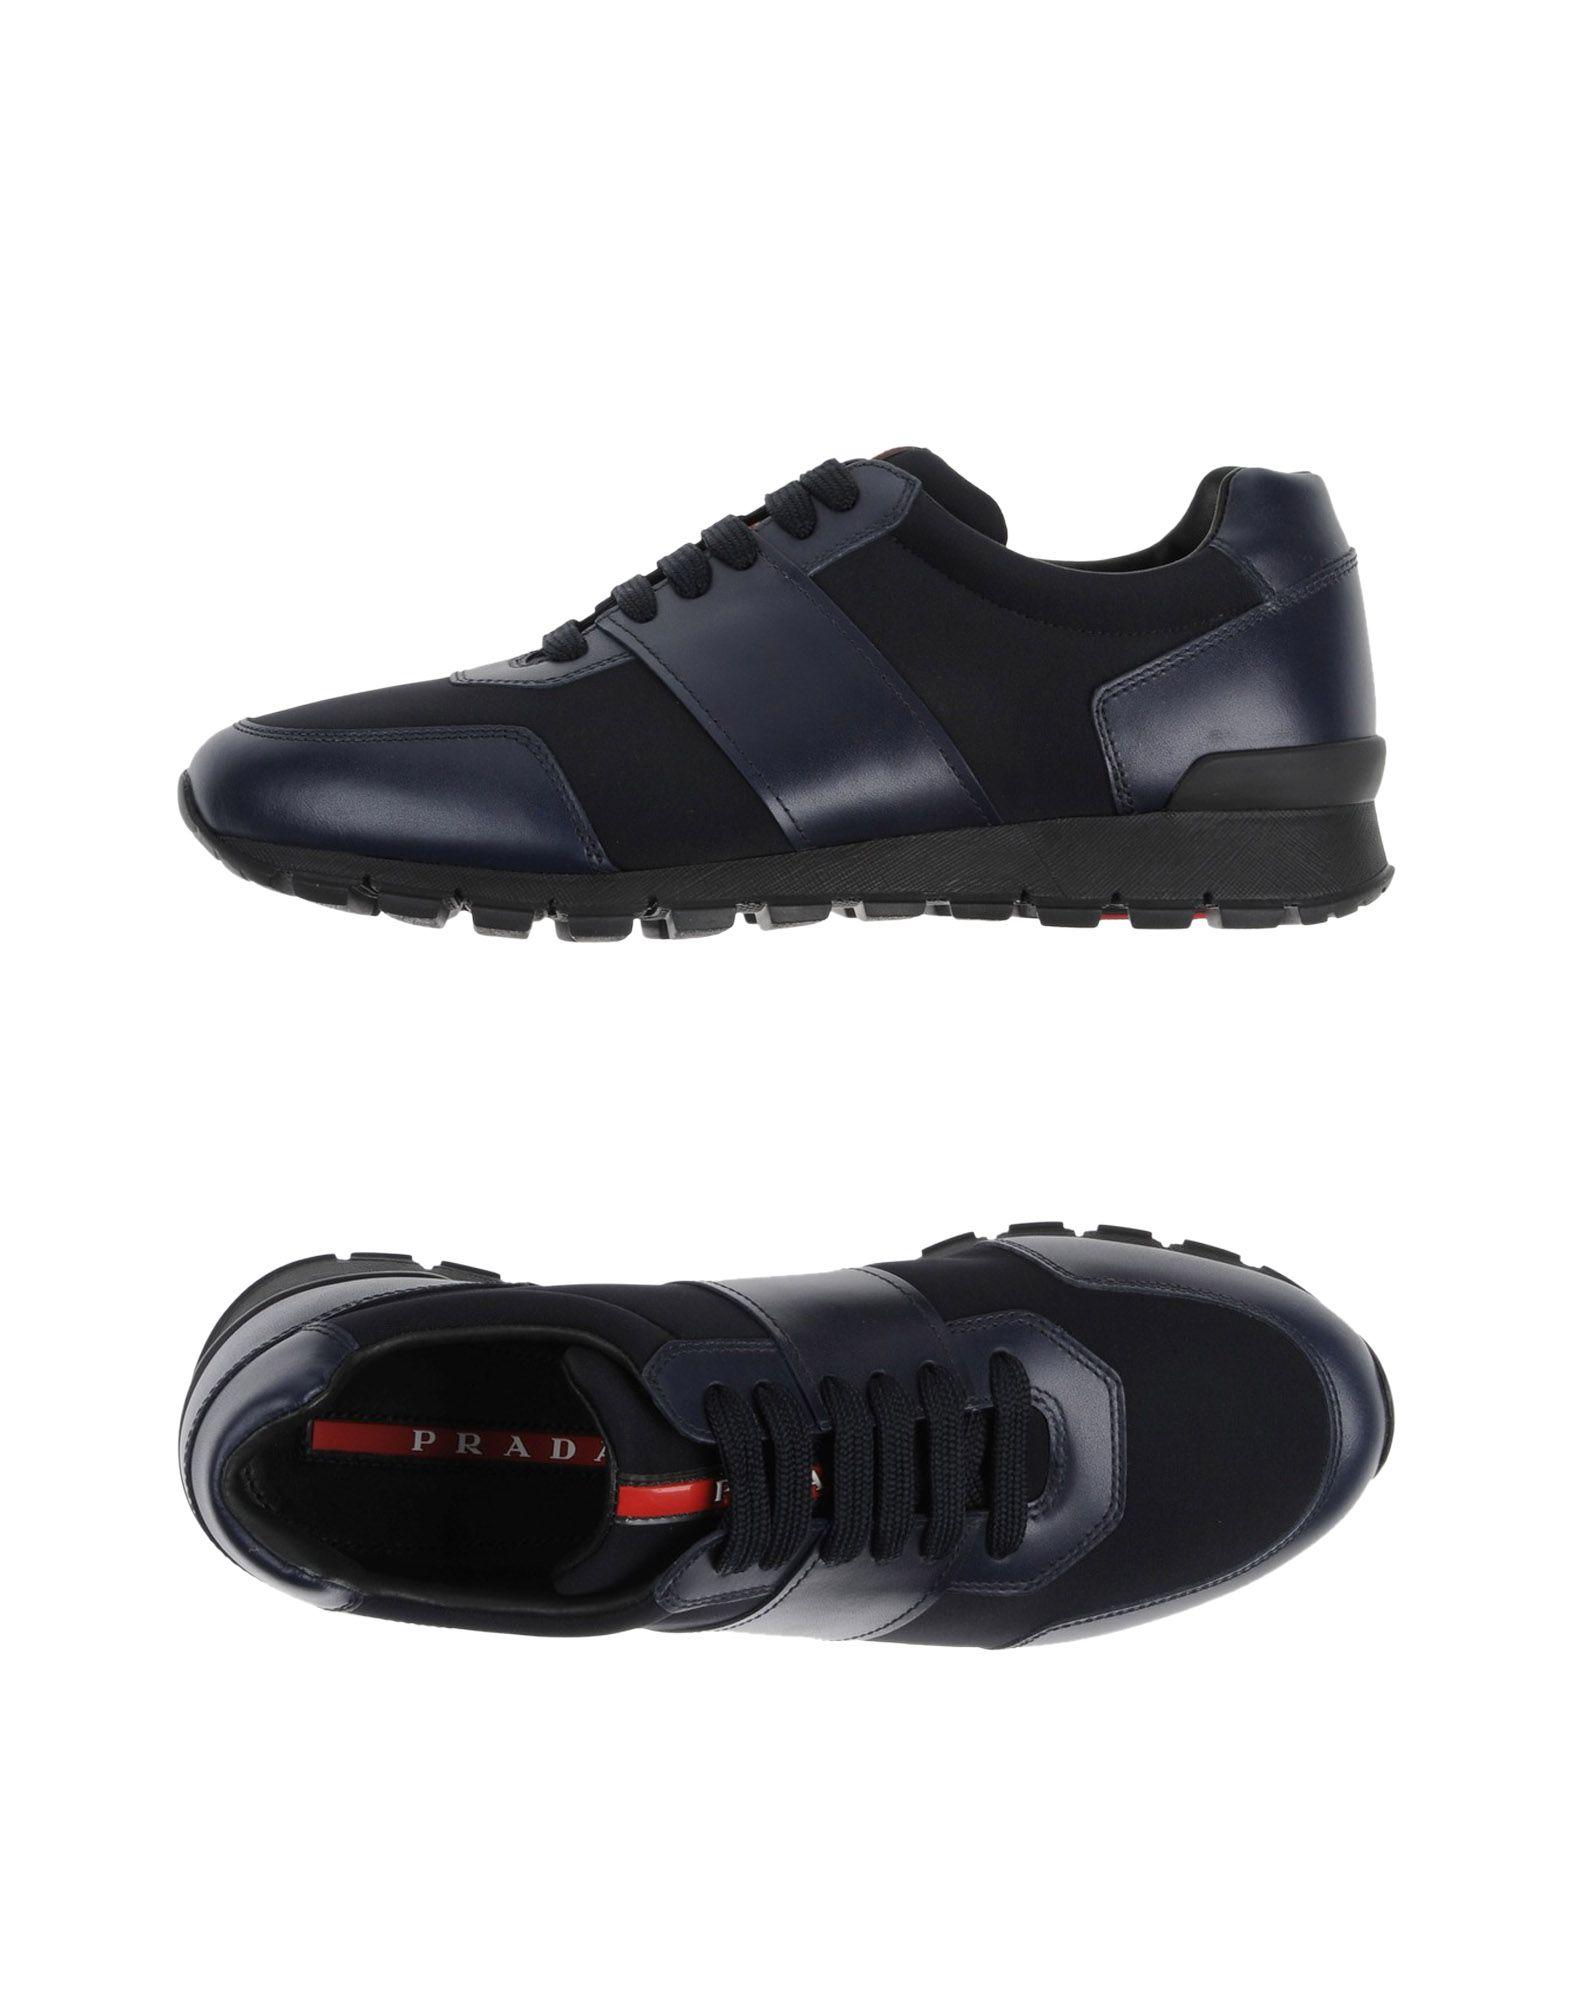 Prada Sport Sneakers Herren  11246687HK Gute Qualität beliebte Schuhe